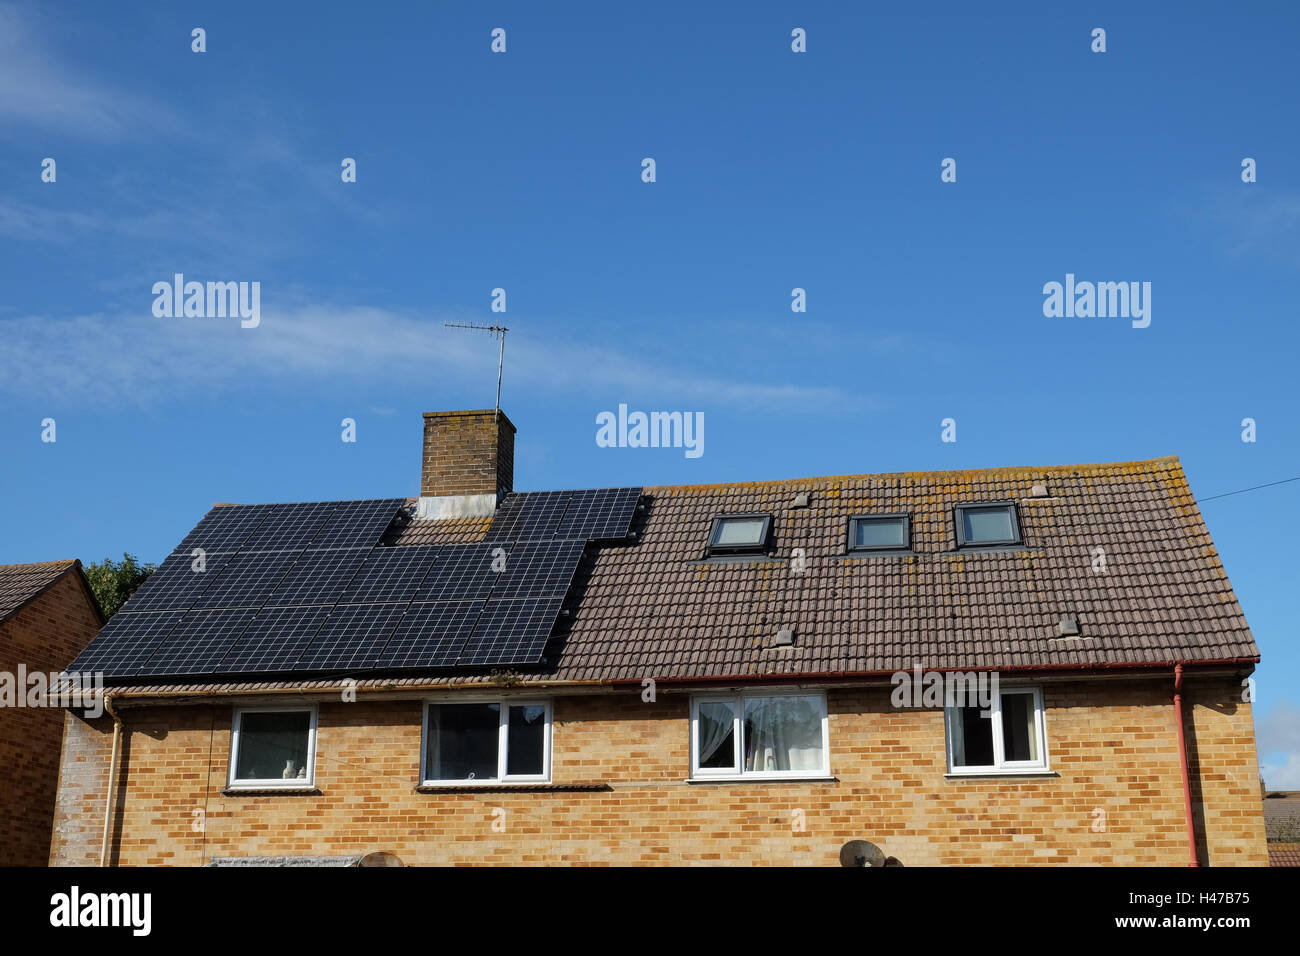 Paneles solares en una casa de 1960 Imagen De Stock